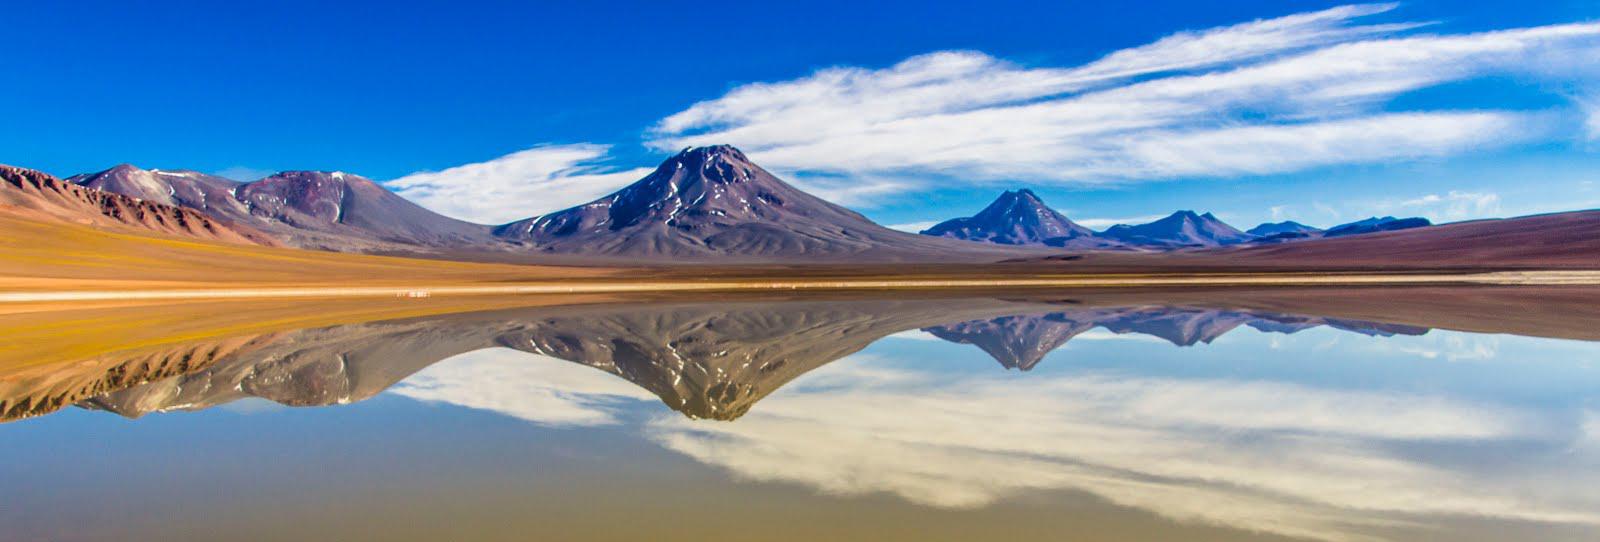 Volcanes frente a laguna reflejados en el agua